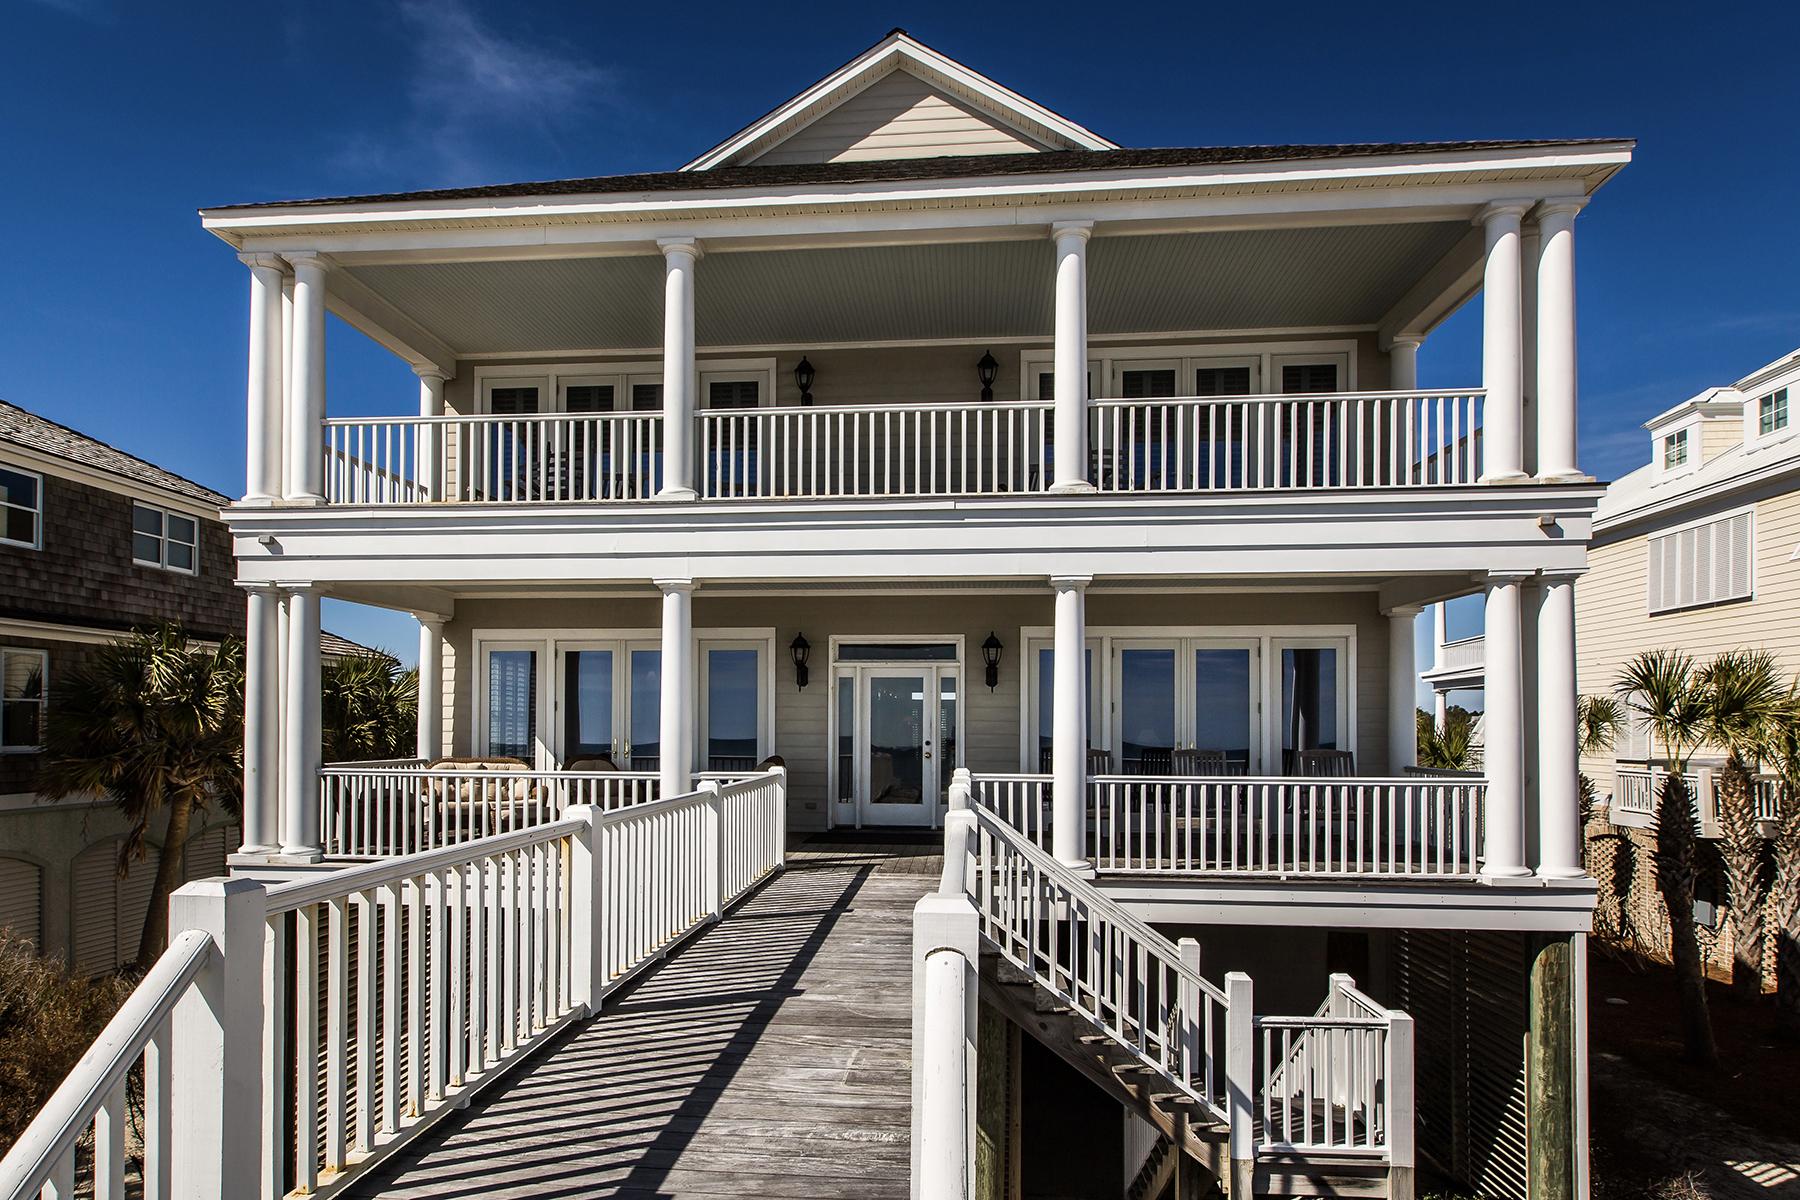 Частный односемейный дом для того Продажа на 1071 Norris Drive Pawleys Island, Южная Каролина, 29585 Соединенные Штаты